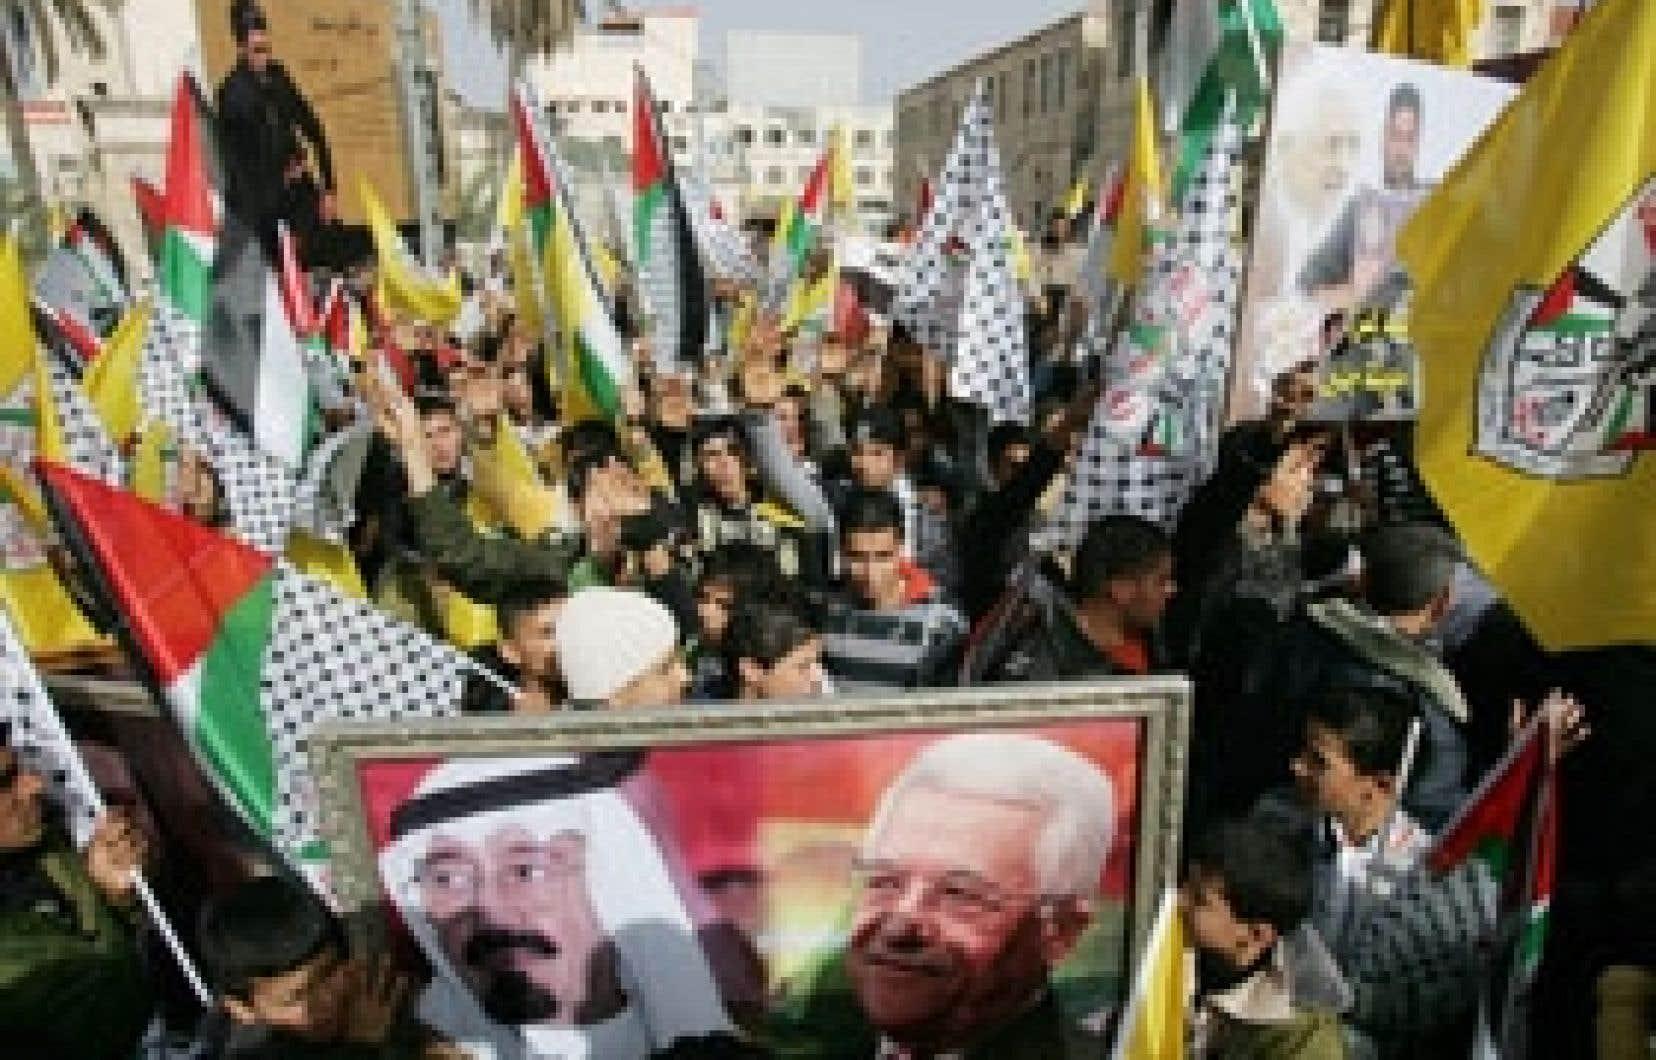 Manifestation de partisans du président Mahmoud Abbas, le 25 janvier. M. Abbas a accusé hier le Hamas d'avoir «risqué la vie du peuple» palestinien.